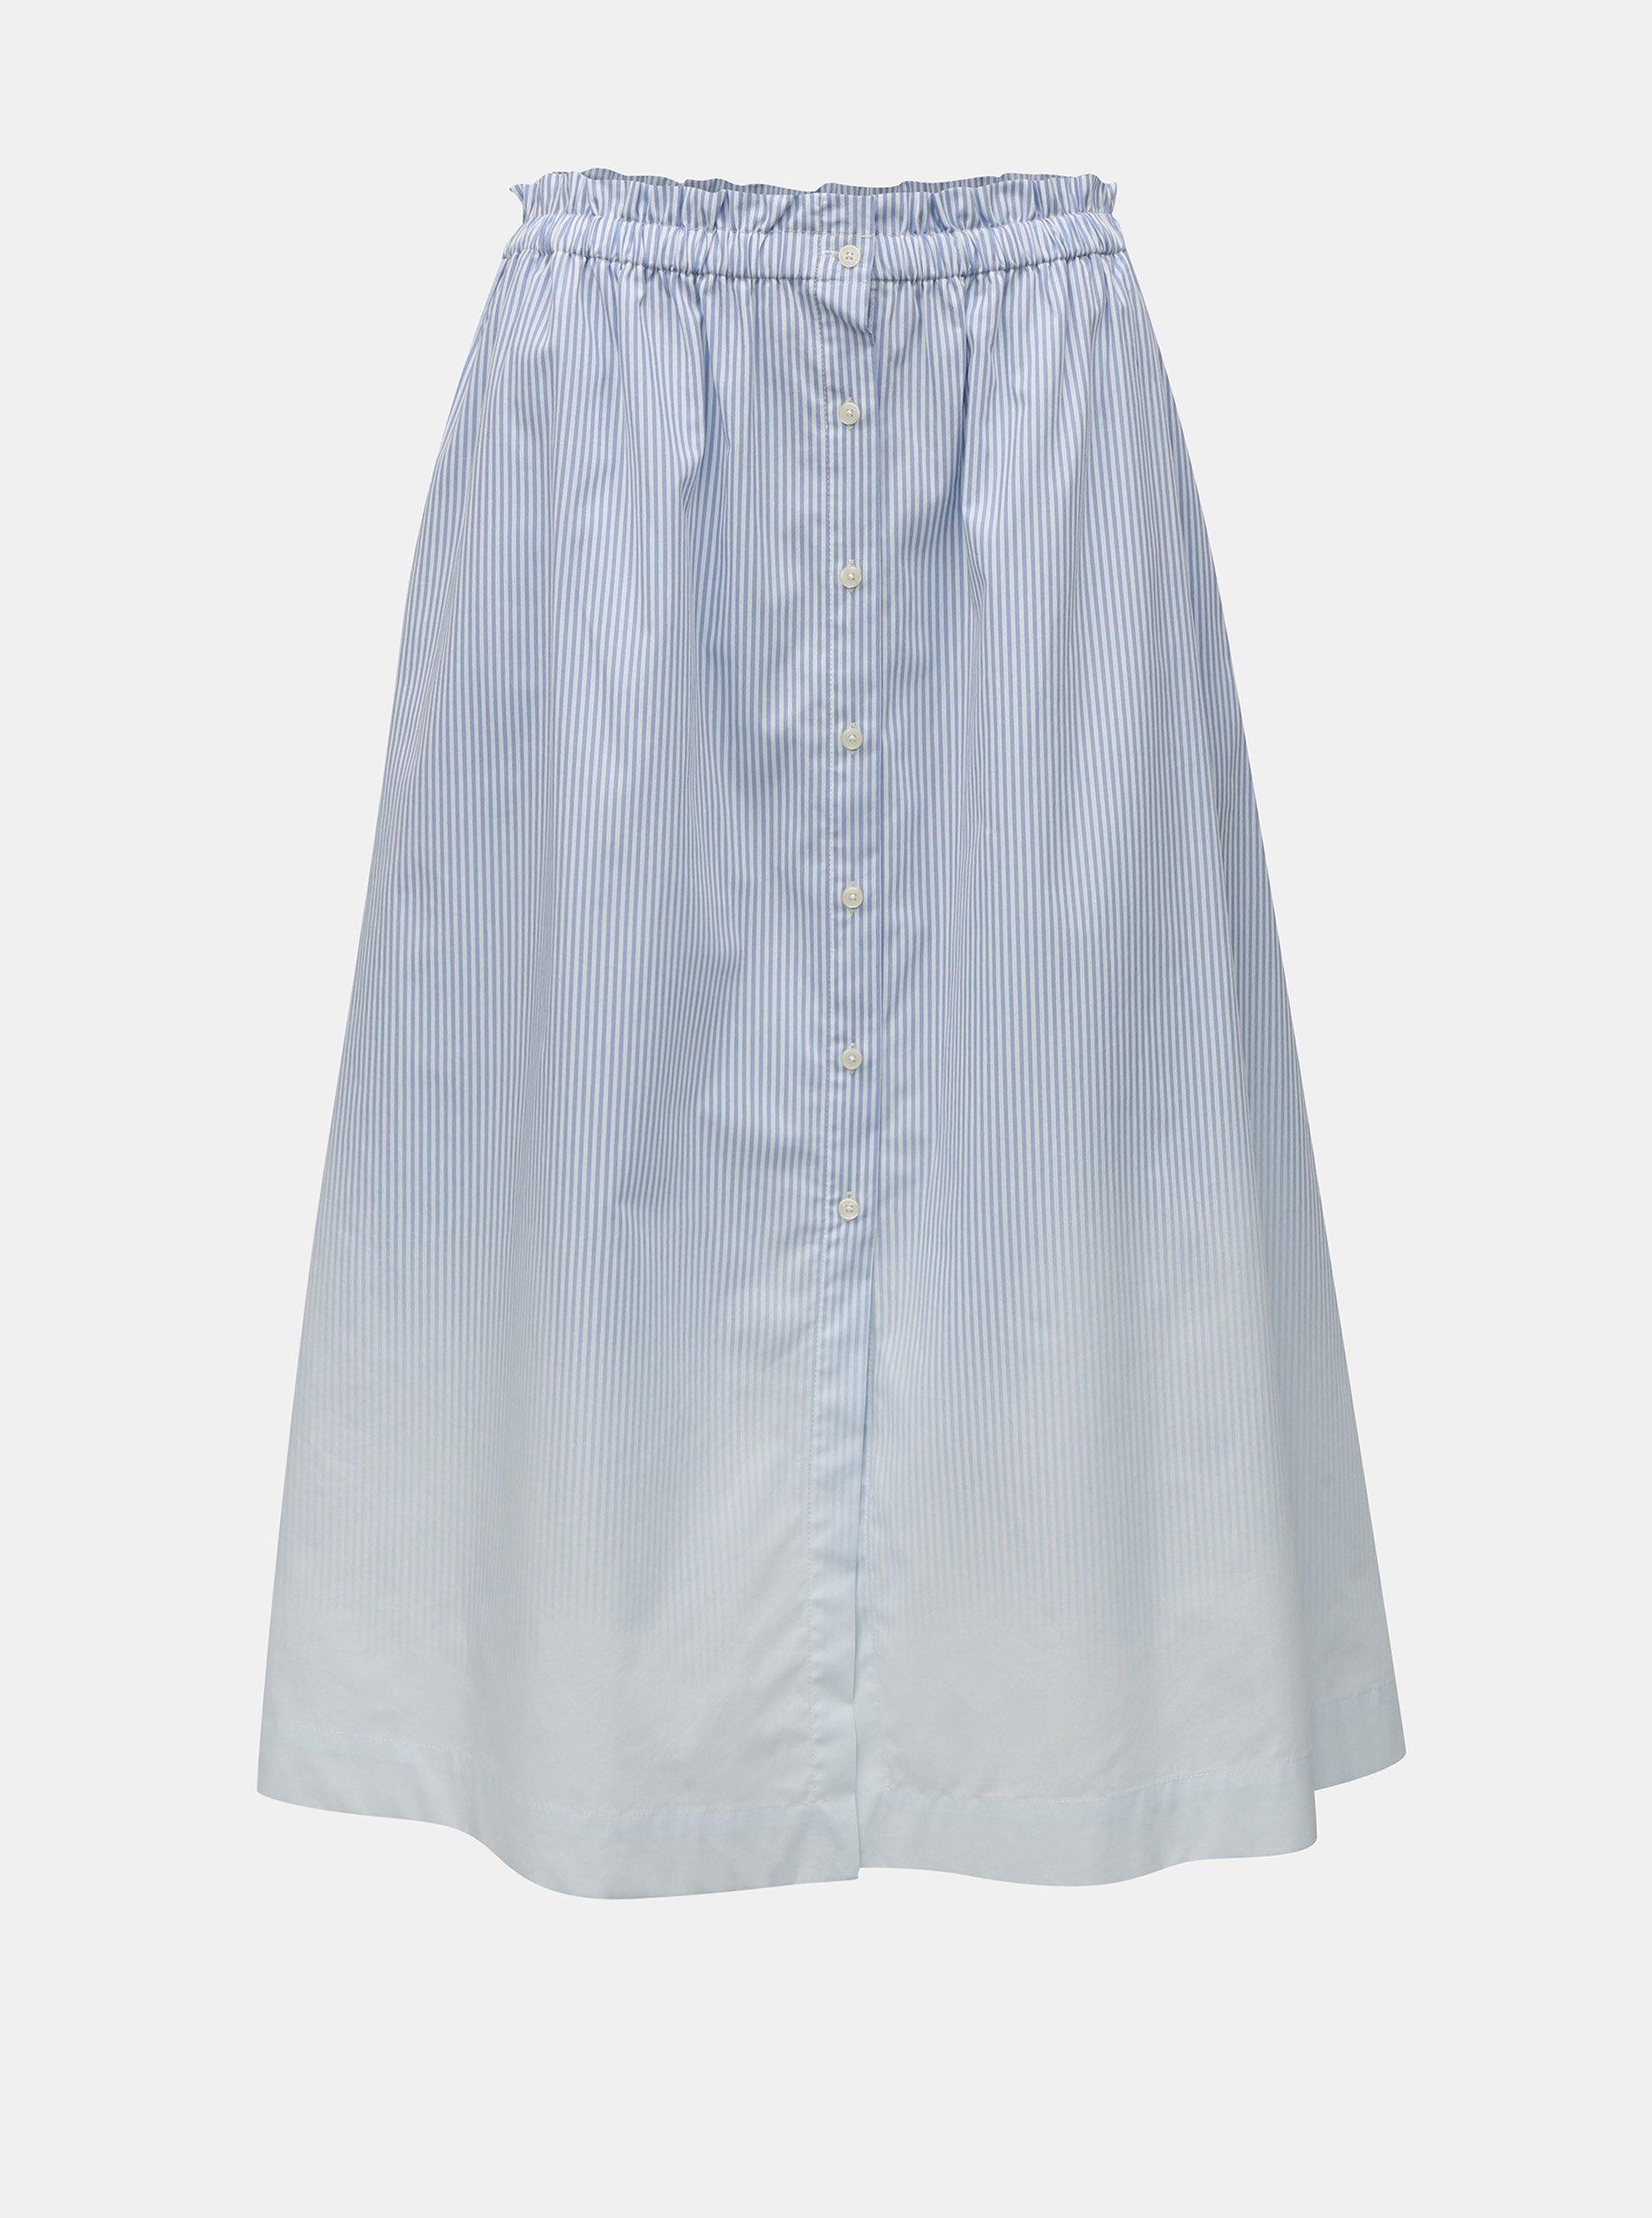 4a5df03669 Modro-biela pruhovaná sukňa na gombíky Tommy Hilfiger